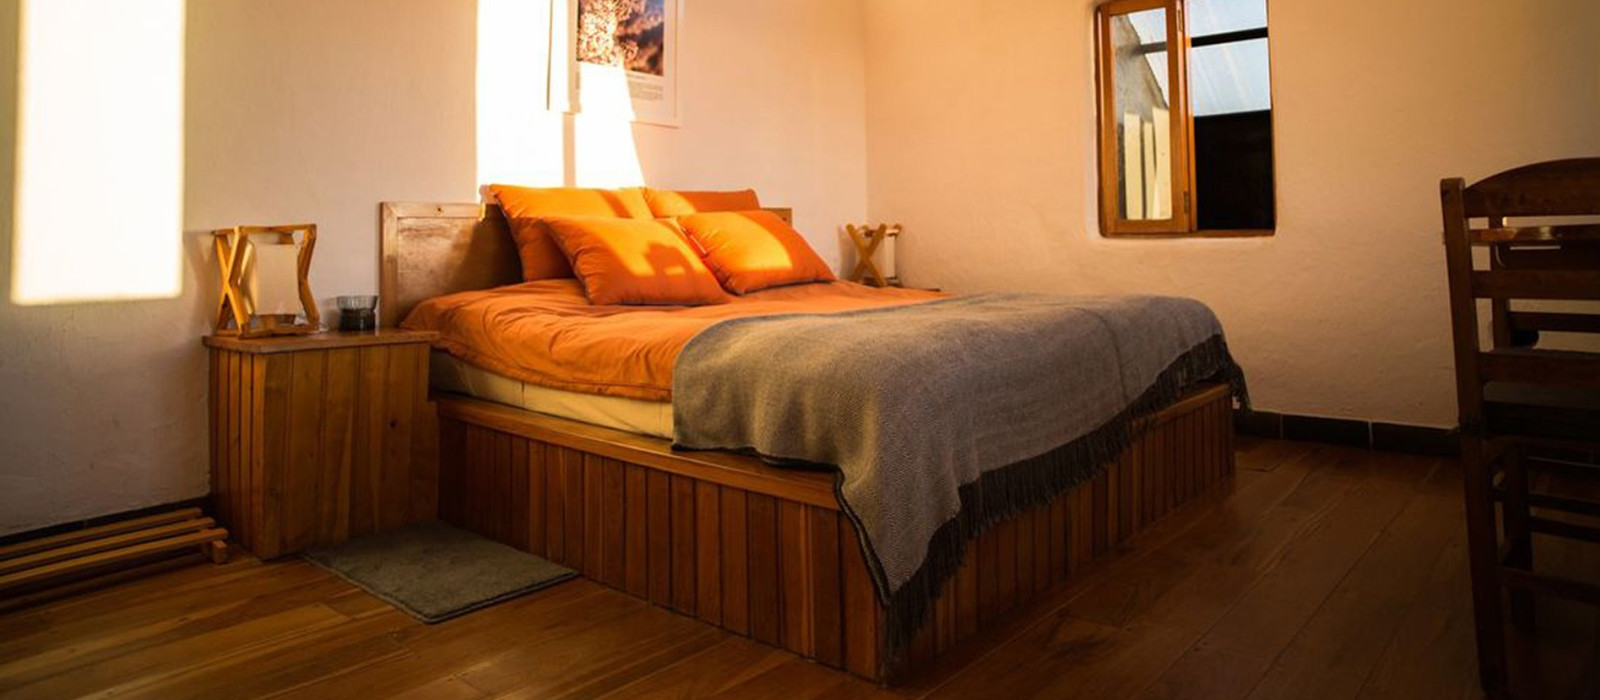 Hotel Ecolodge La Estancia Bolivia